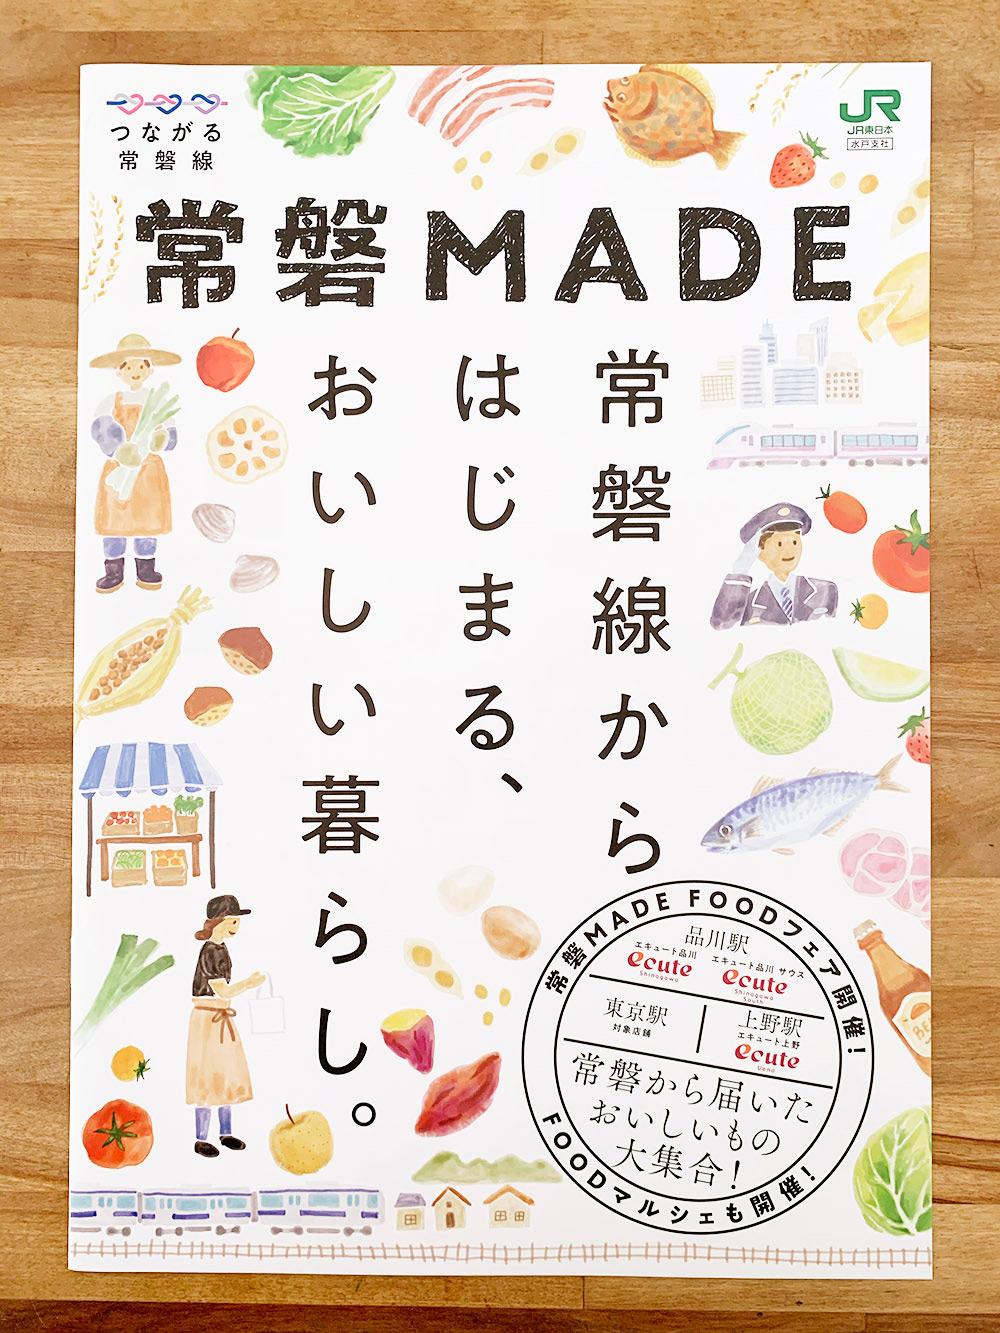 15款轻松惬意的日本杂志封面设计